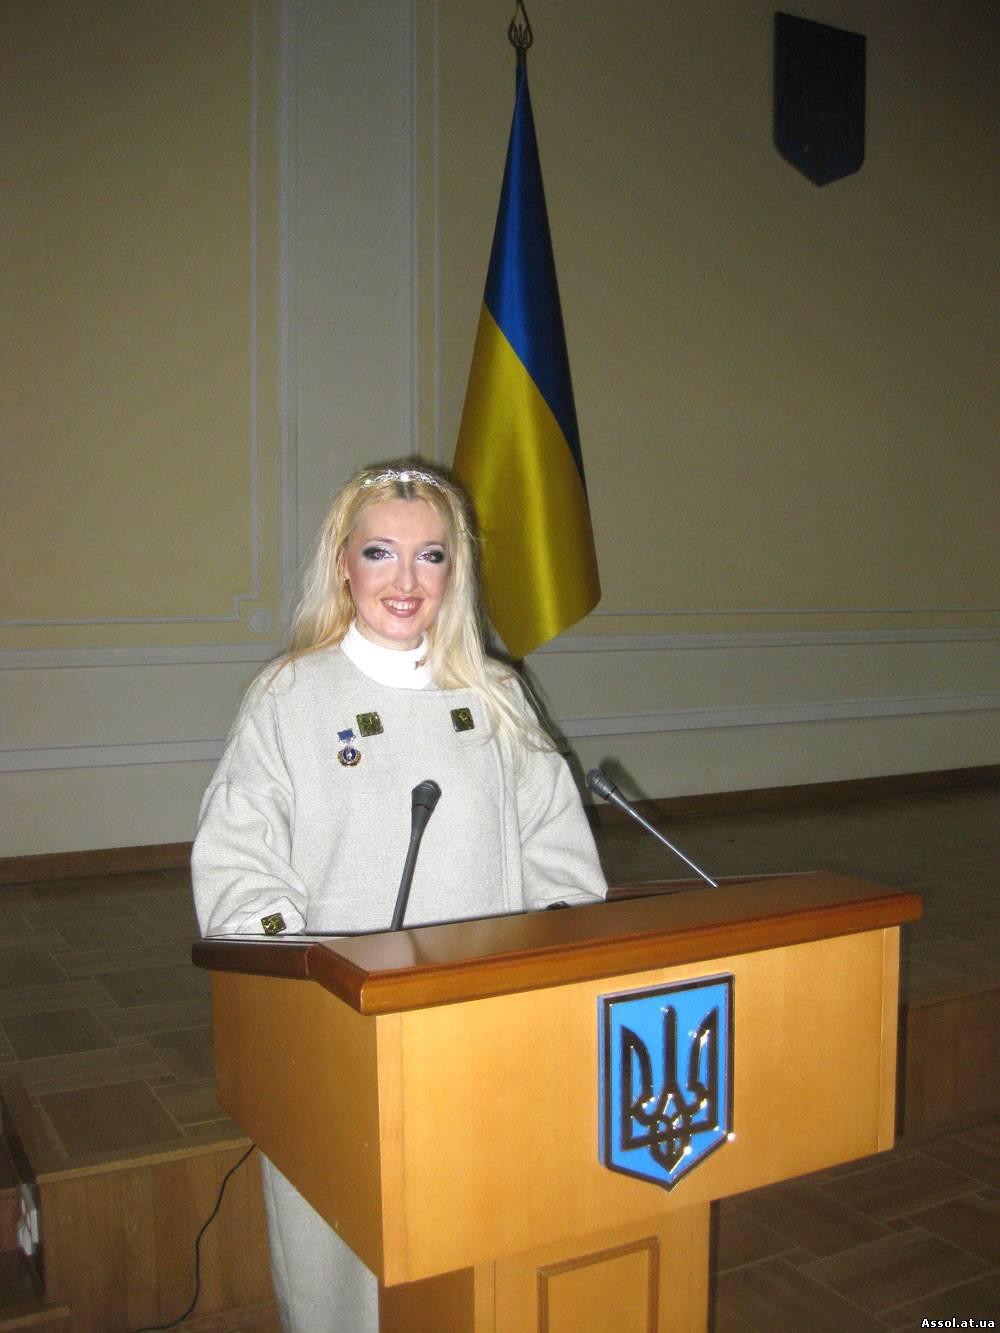 Наталия Юдина, лауреат Премии Президента Украины для молодых ученых, церемония вручения